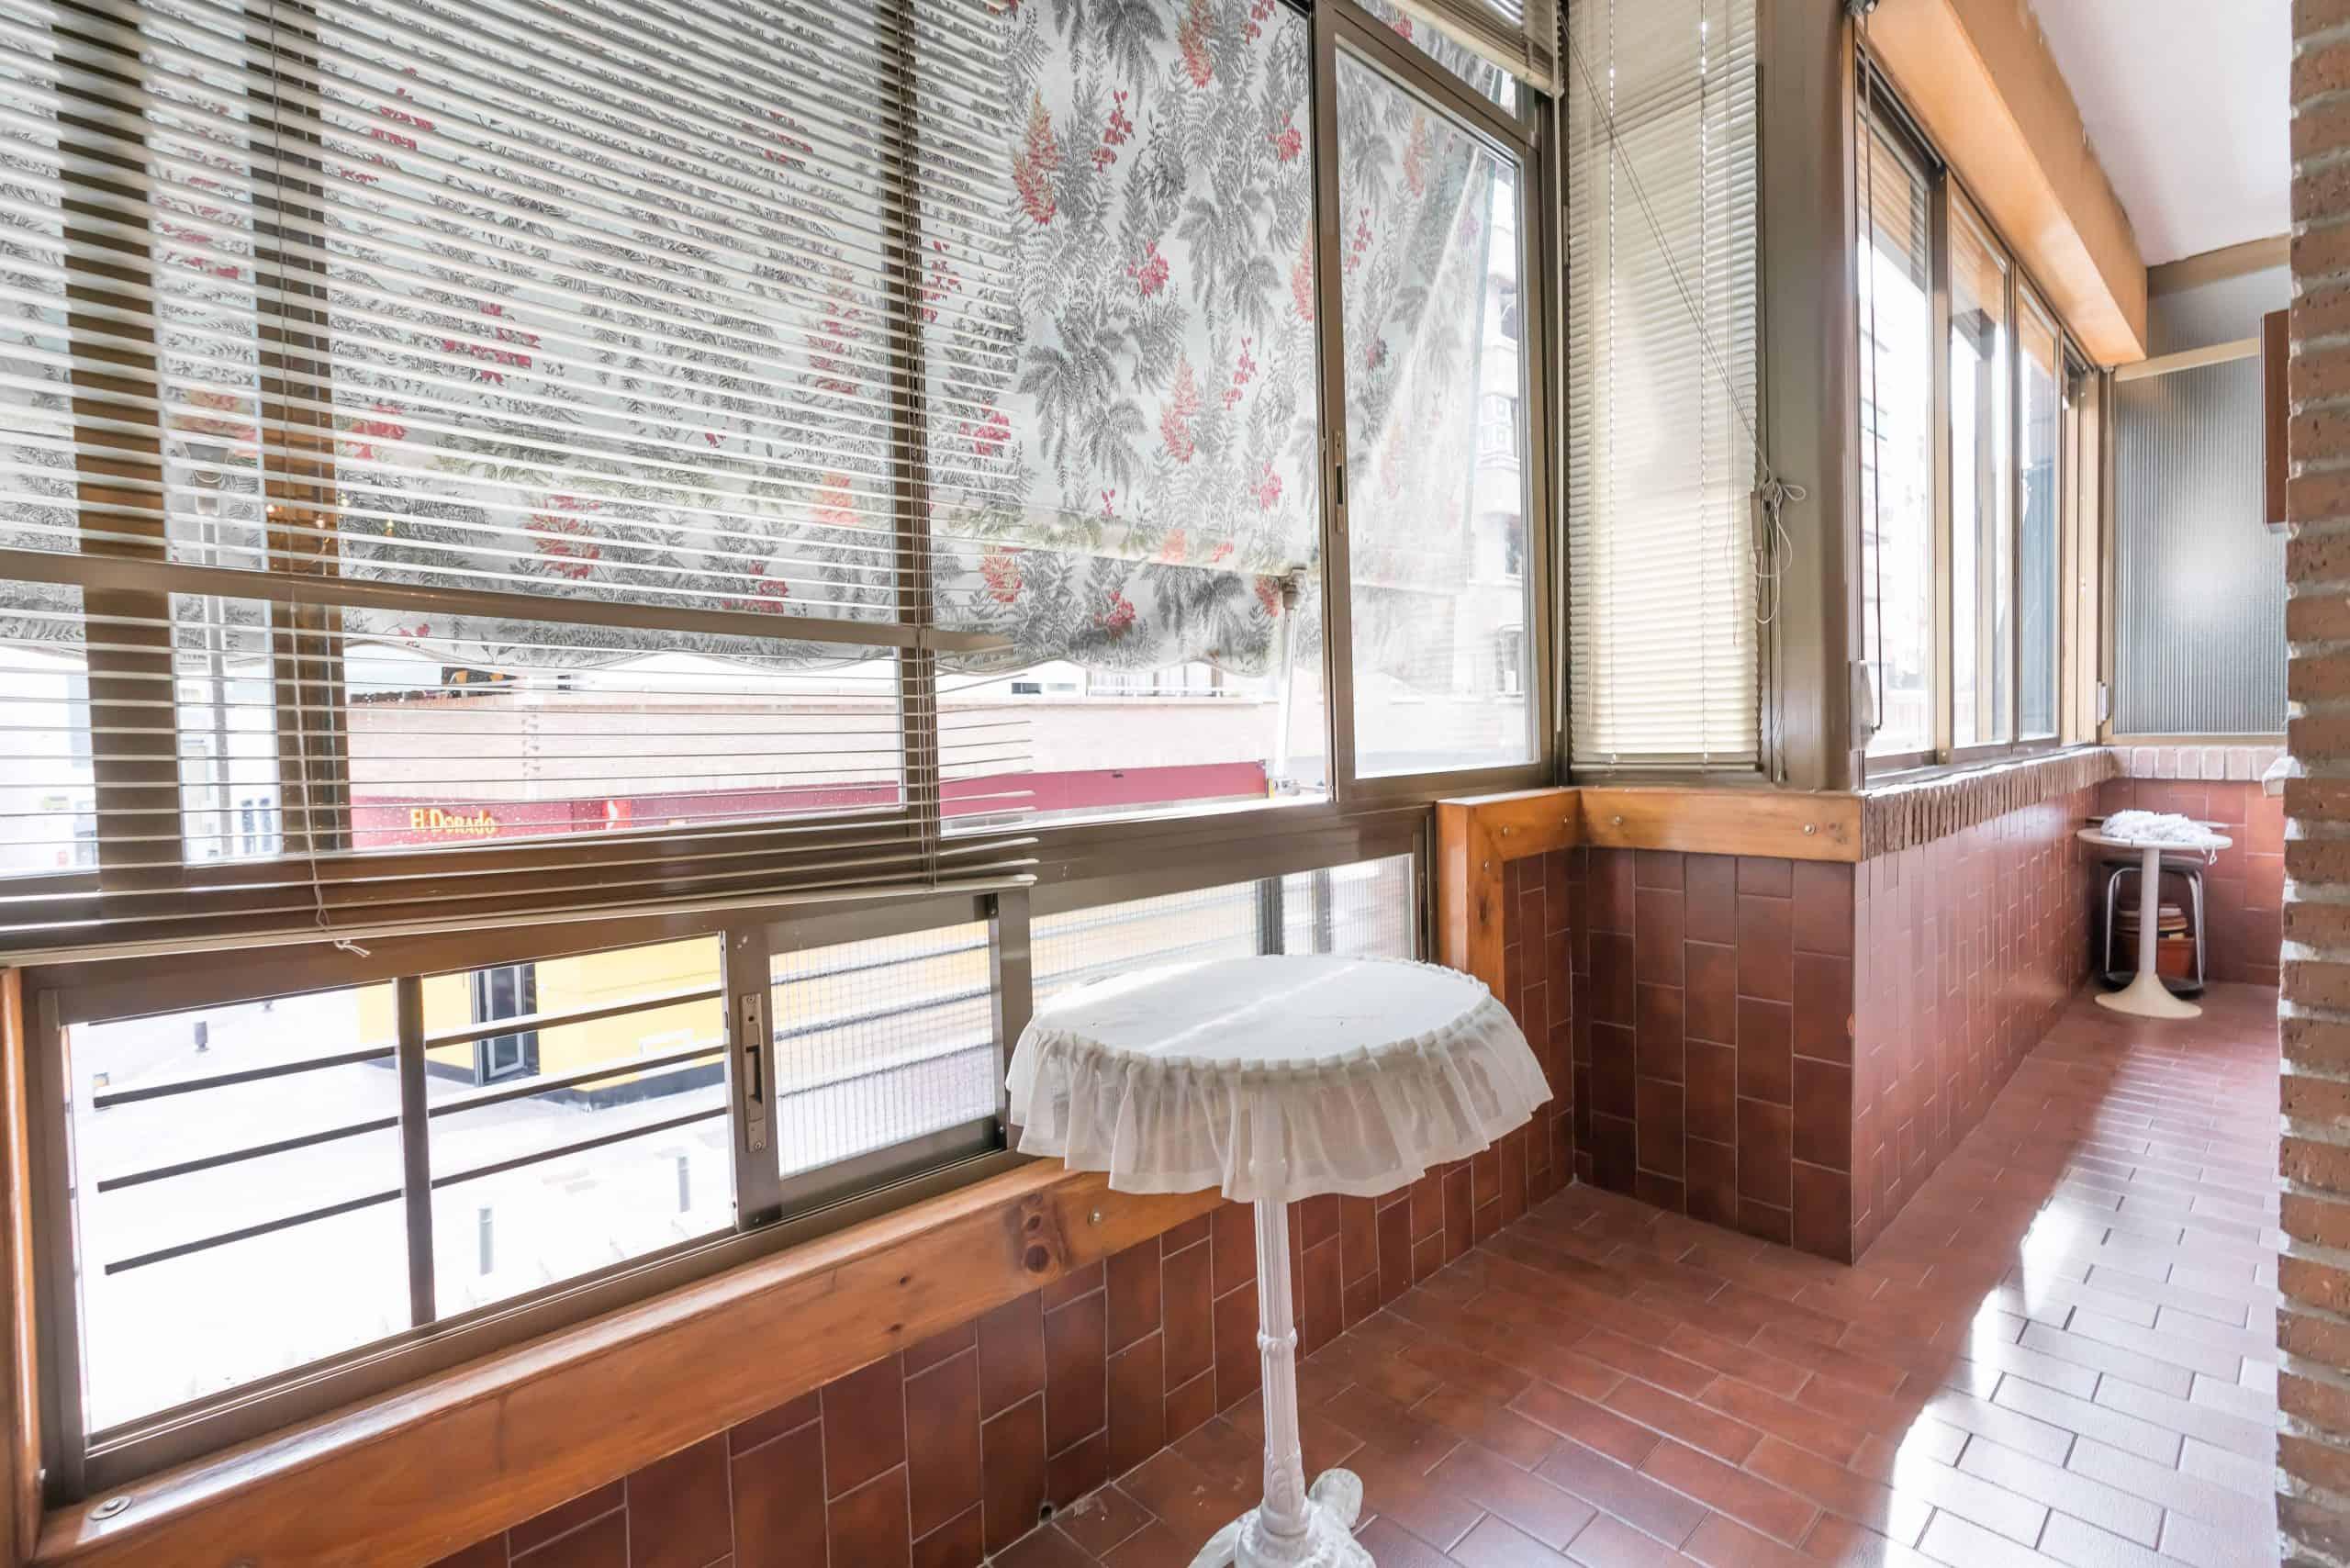 Agencia Inmobiliaria de Madrid-FUTUROCASA-Zona ARGANZUELA-EMBAJADORES-LEGAZPI -calle tomas borras- Salon 2